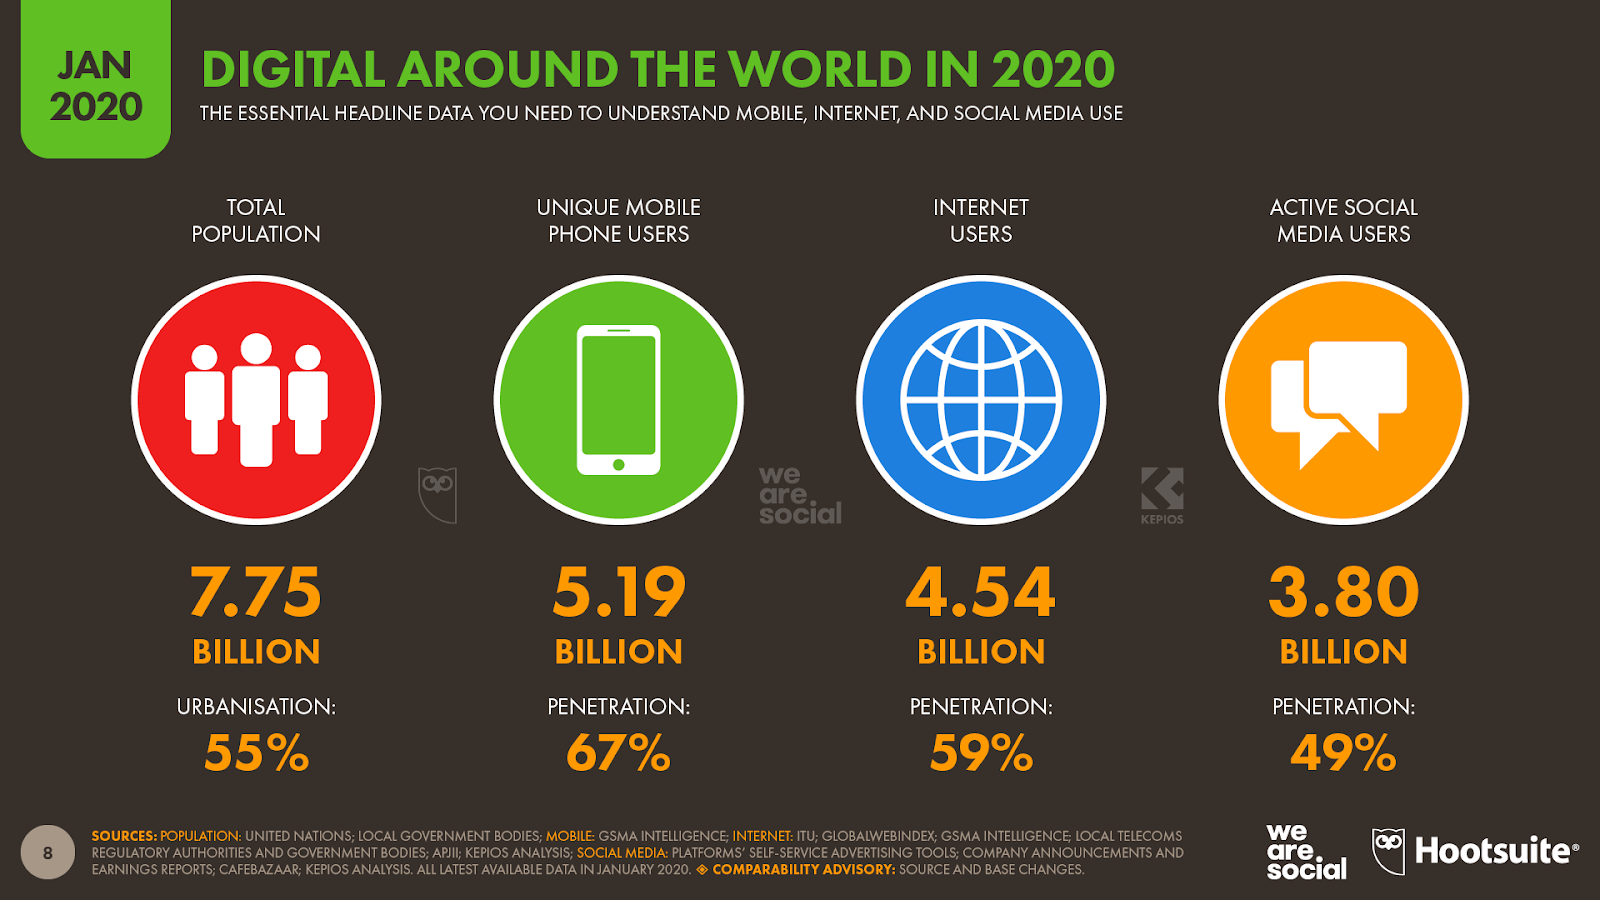 Infographie qui représente l'usage de l'internet dans le monde en 2020